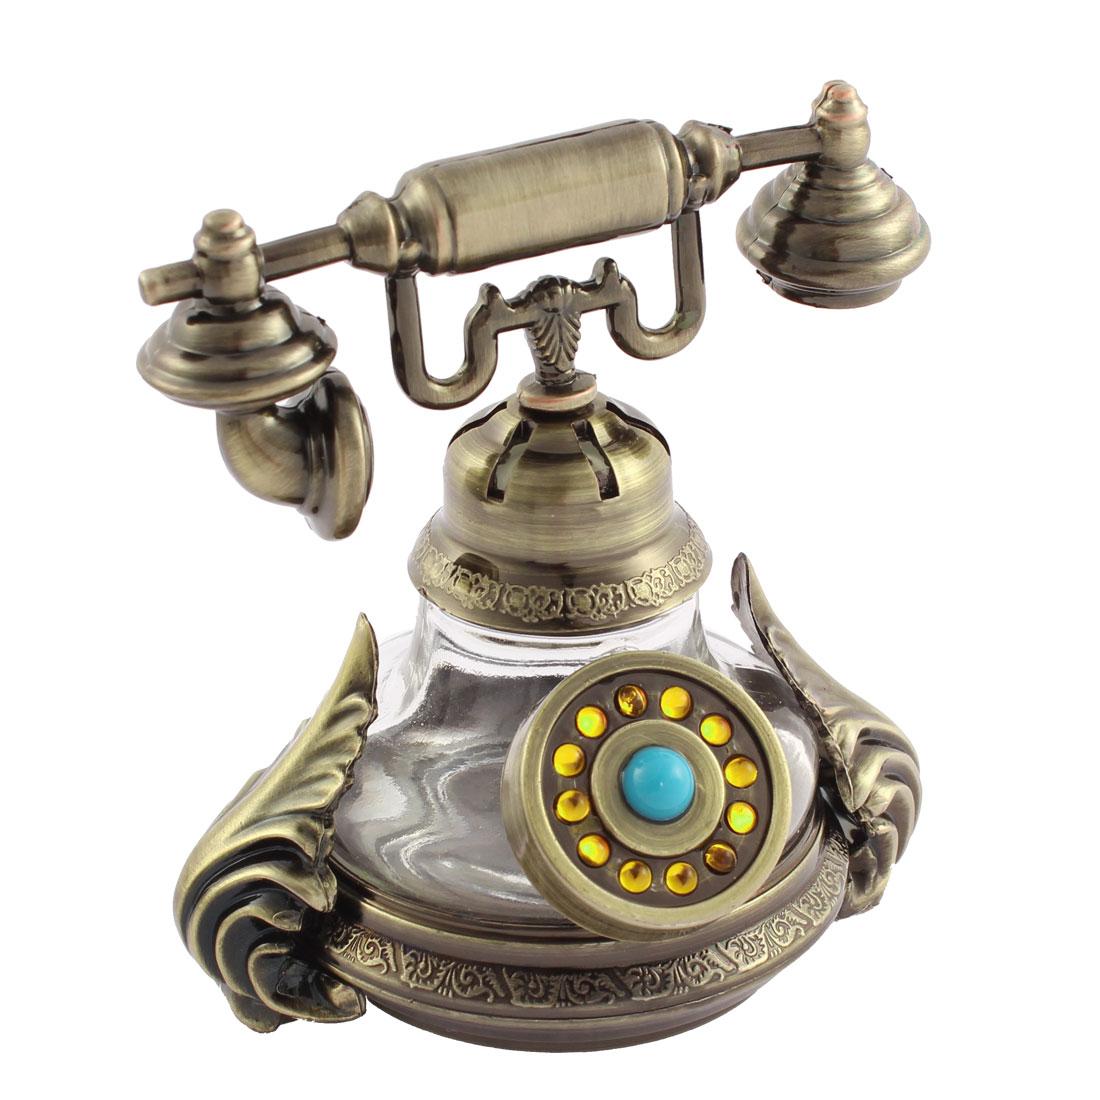 Auto Freshener Telephone Perfume Block Base Accessary Decoration Bronze Tone